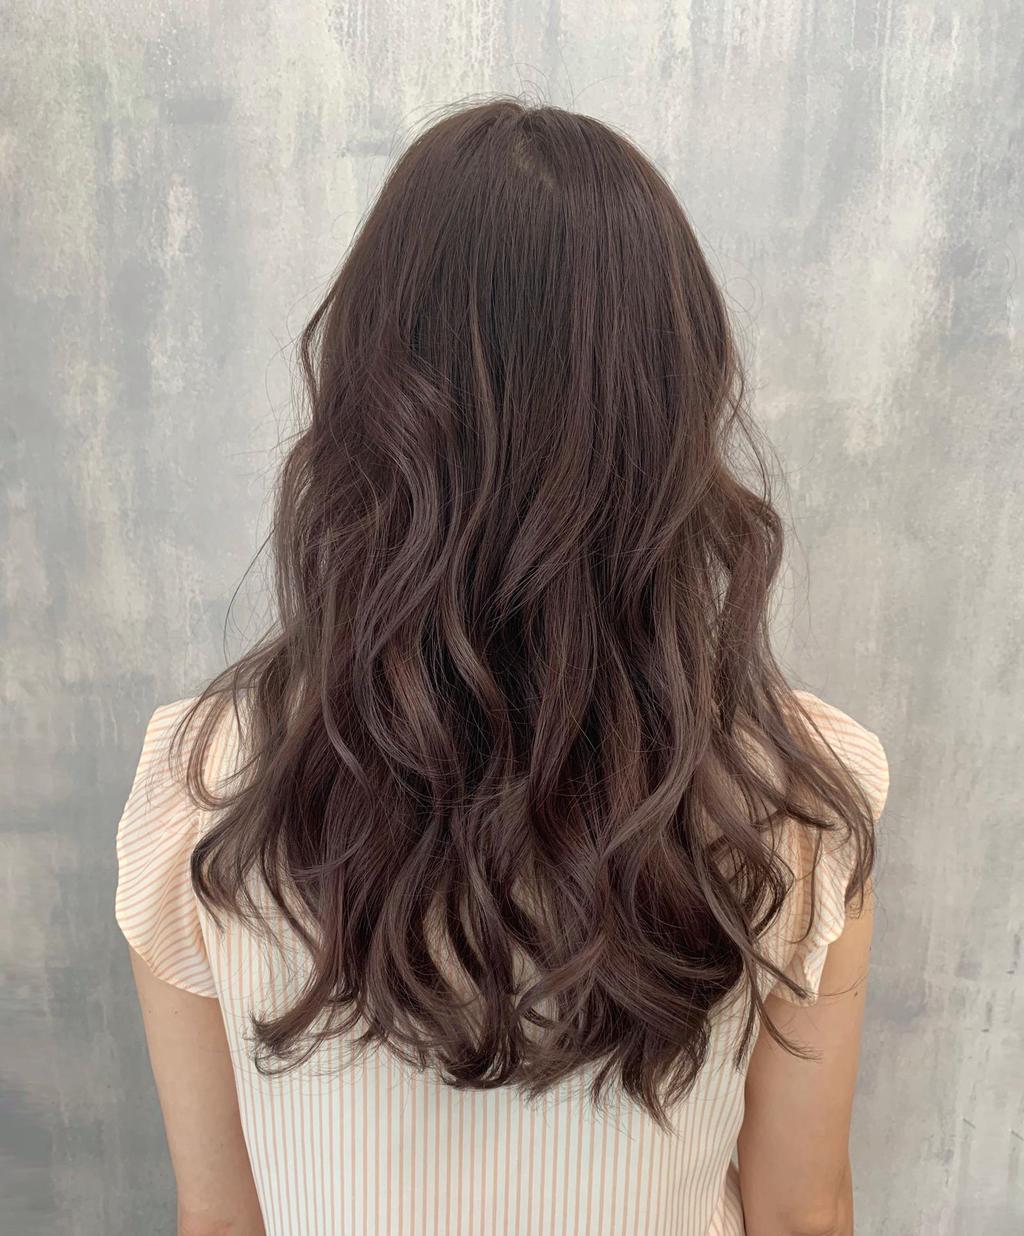 帶點蜂蜜麥茶光澤的蜜褐髮色X波浪卷髮,古堡公主的優雅背影好仙